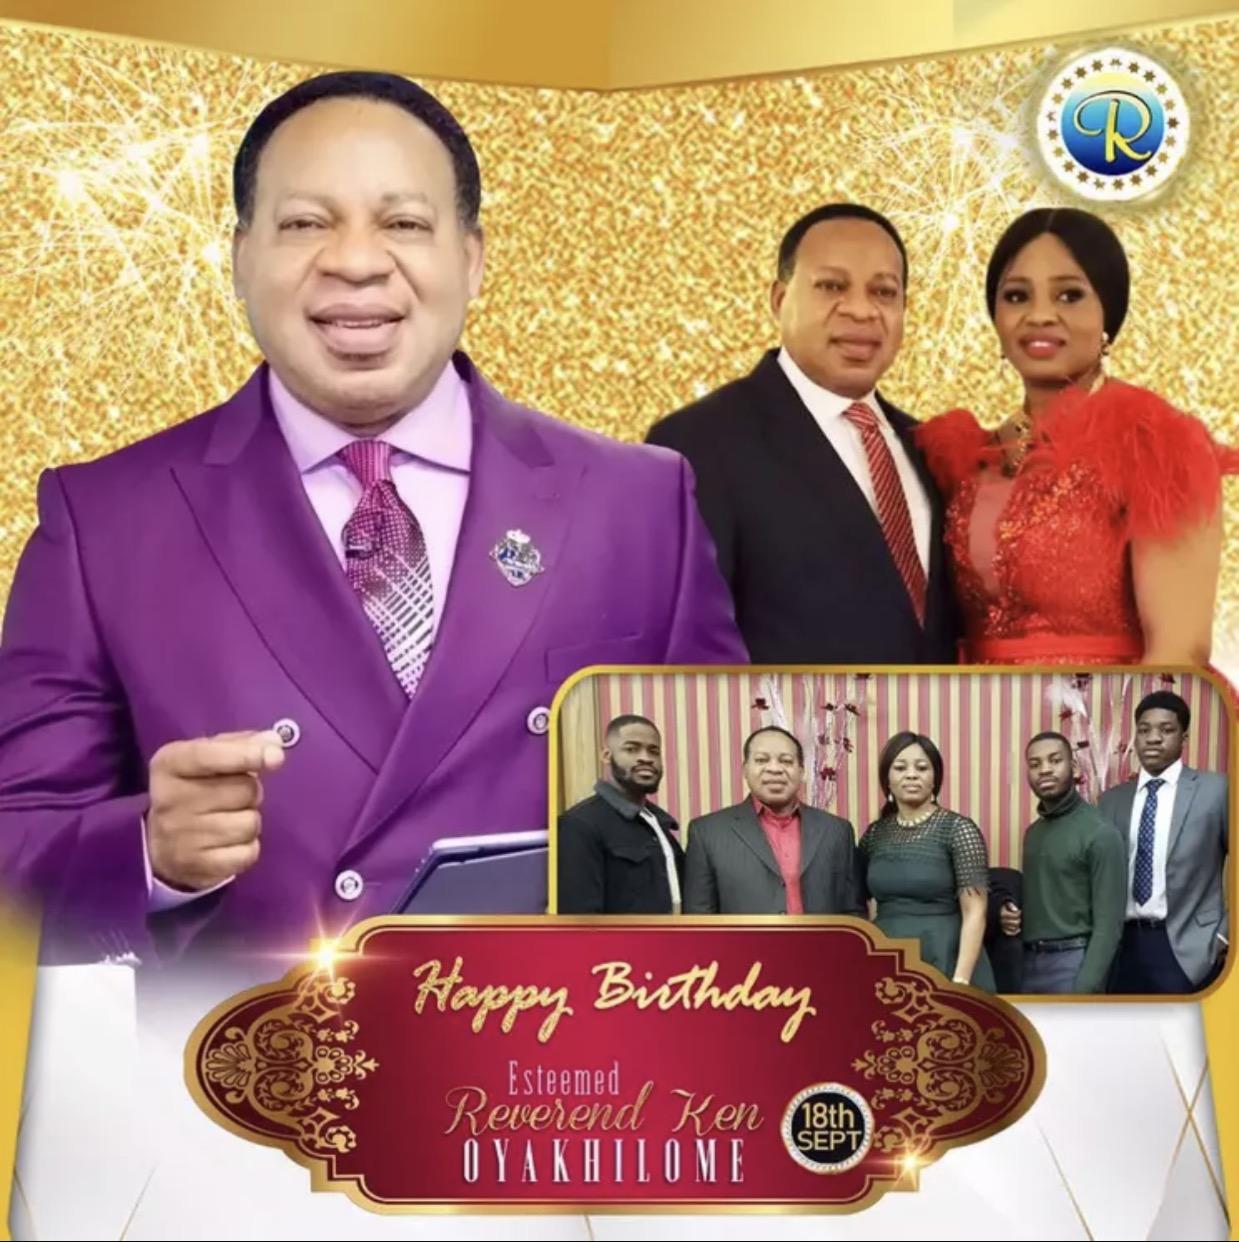 Happy Birthday Rev!!! God has